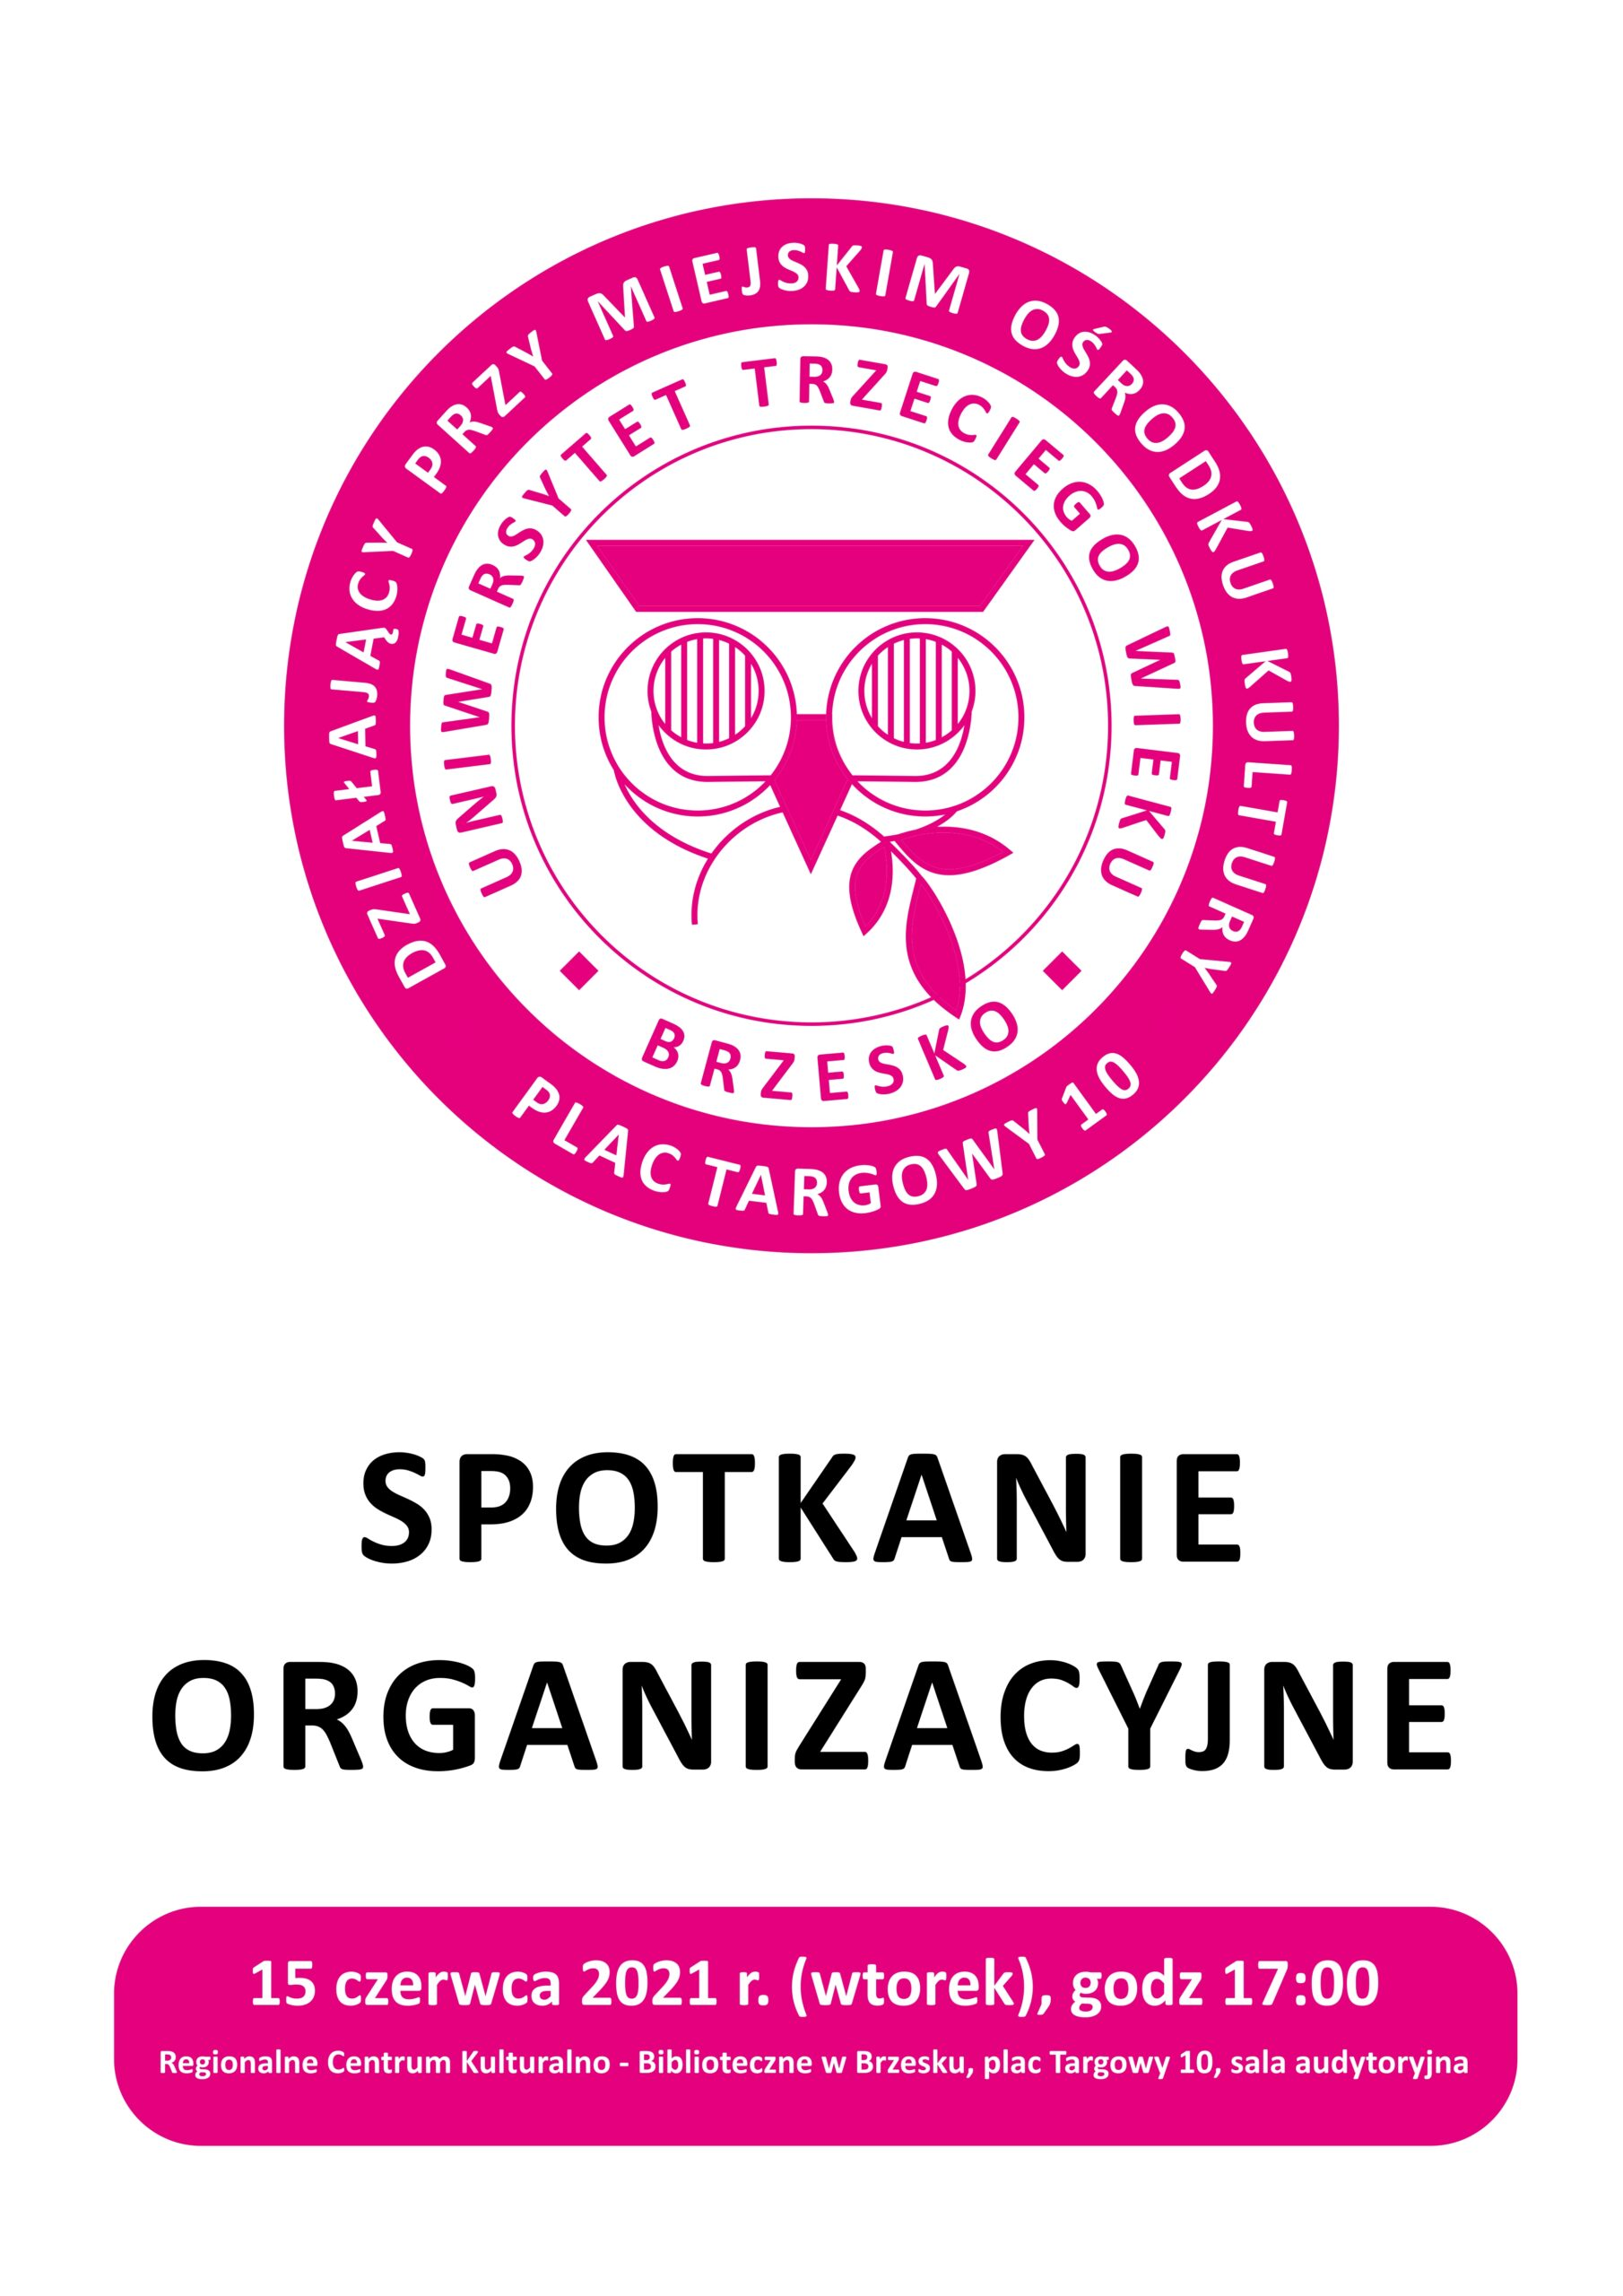 Spotkanie organizacyjne Uniwersytetu Trzeciego Wieku – 15 czerwca 2021